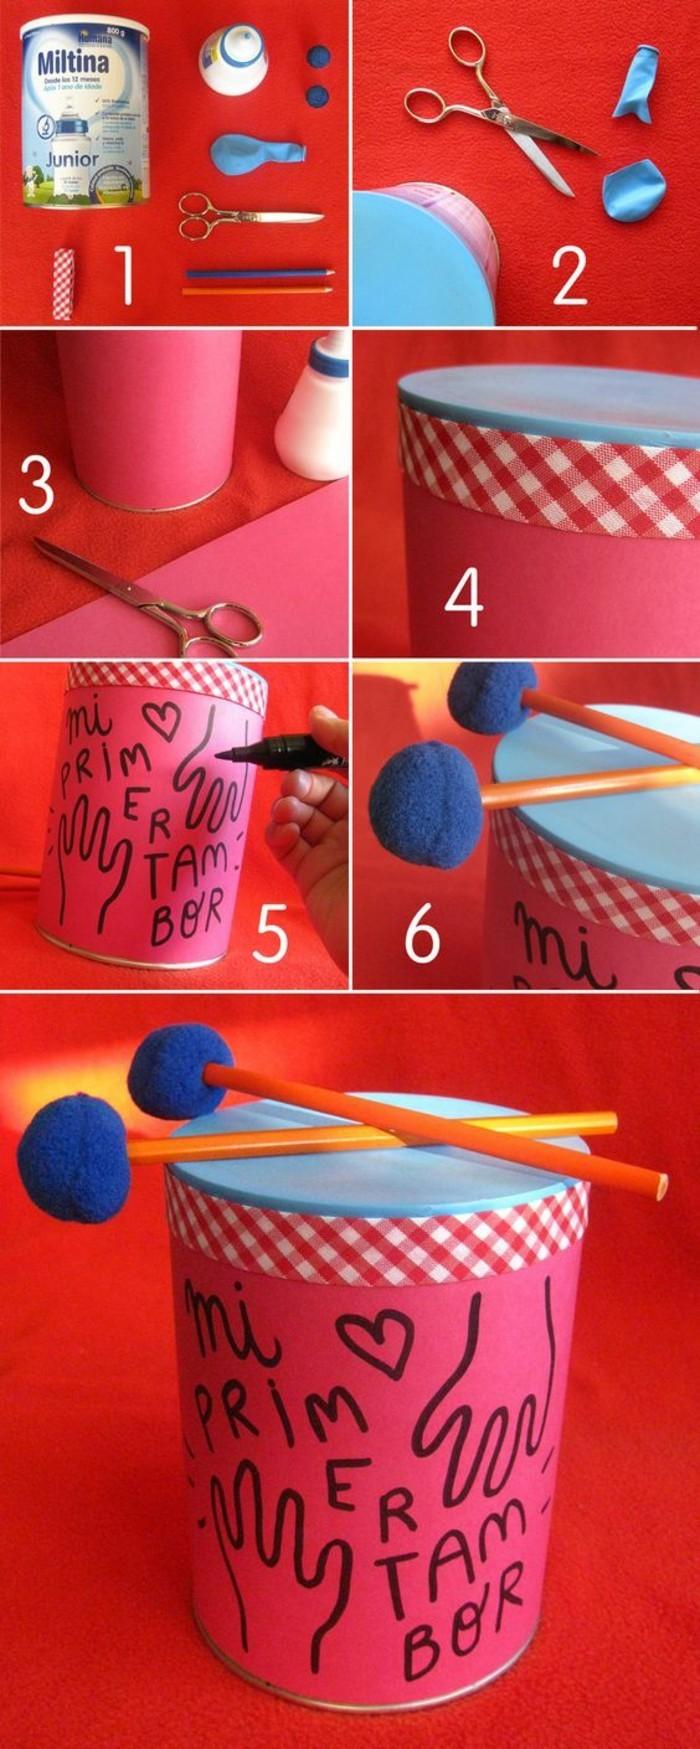 fabriquer un mini tambour pour enfant, que faire avec une boîte conserve, loisir créatif pour petits, recyclage canette